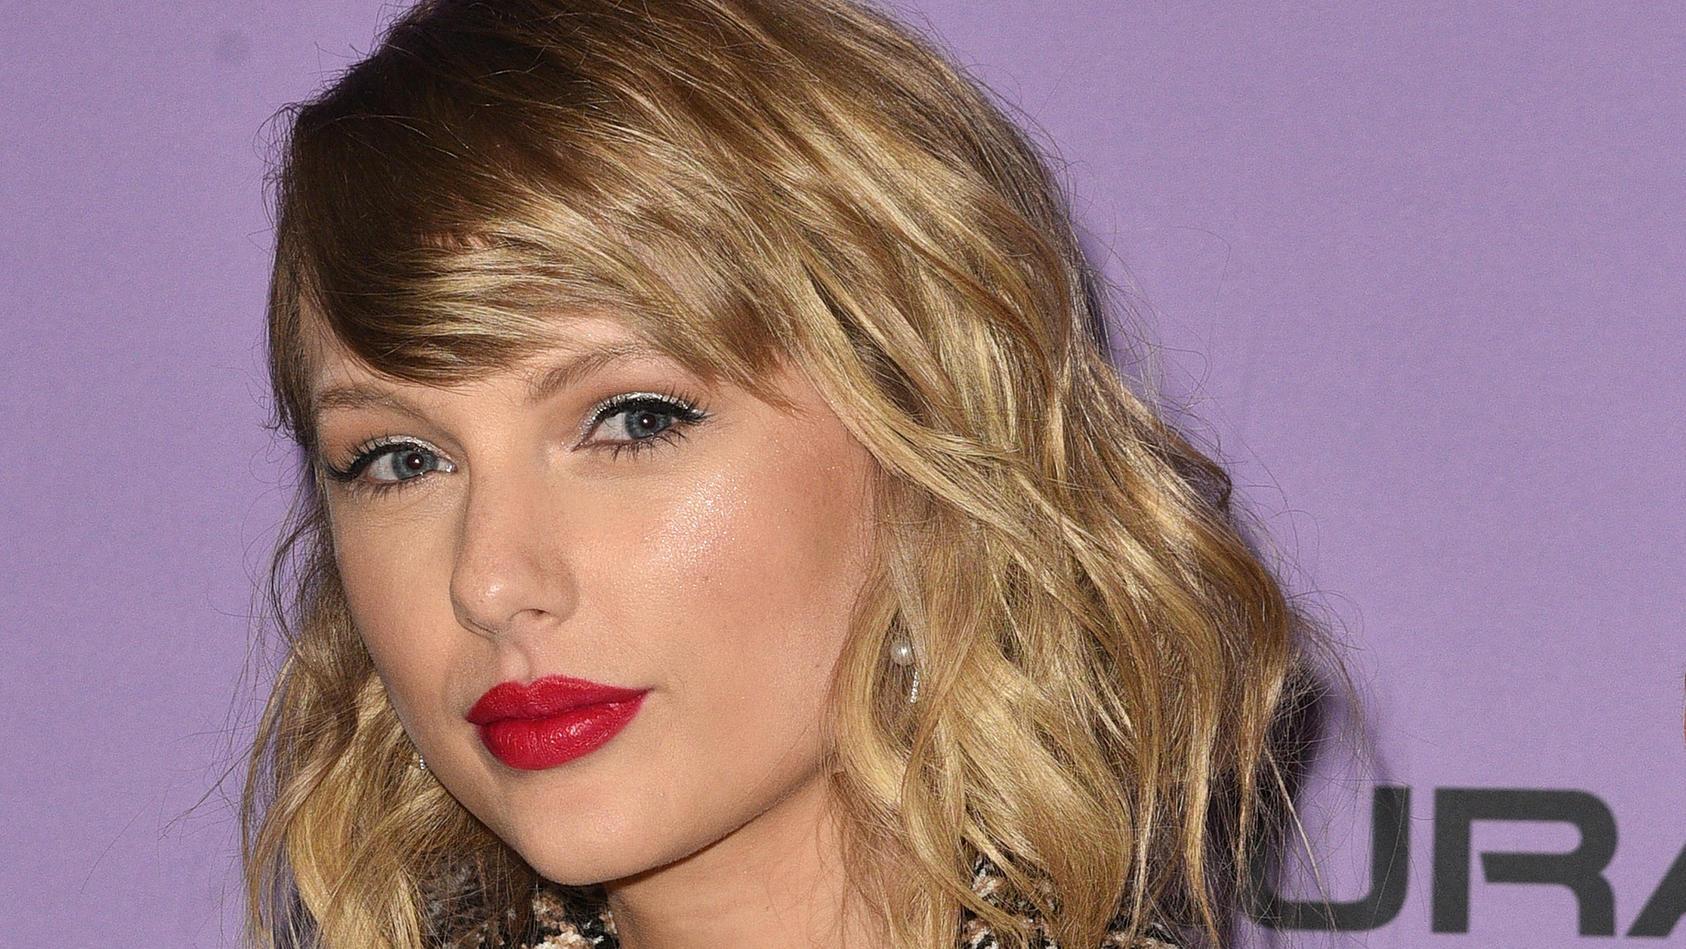 Die Grammys mussten dieses Jahr ohne Taylor Swift auskommen.